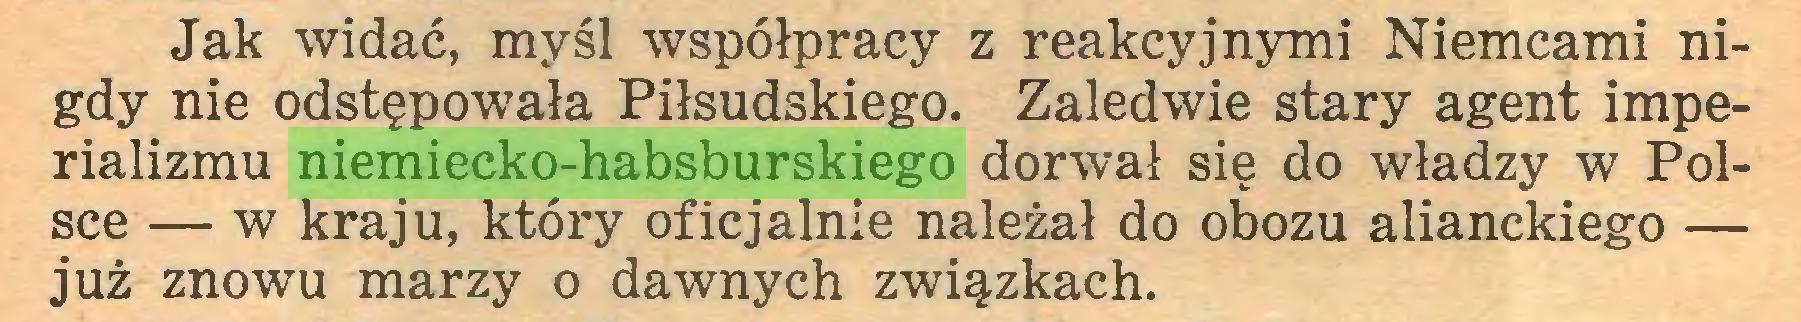 (...) Jak widać, myśl współpracy z reakcyjnymi Niemcami nigdy nie odstępowała Piłsudskiego. Zaledwie stary agent imperializmu niemiecko-habsburskiego dorwał się do władzy w Polsce — w kraju, który oficjalnie należał do obozu alianckiego — już znowu marzy o dawnych związkach...